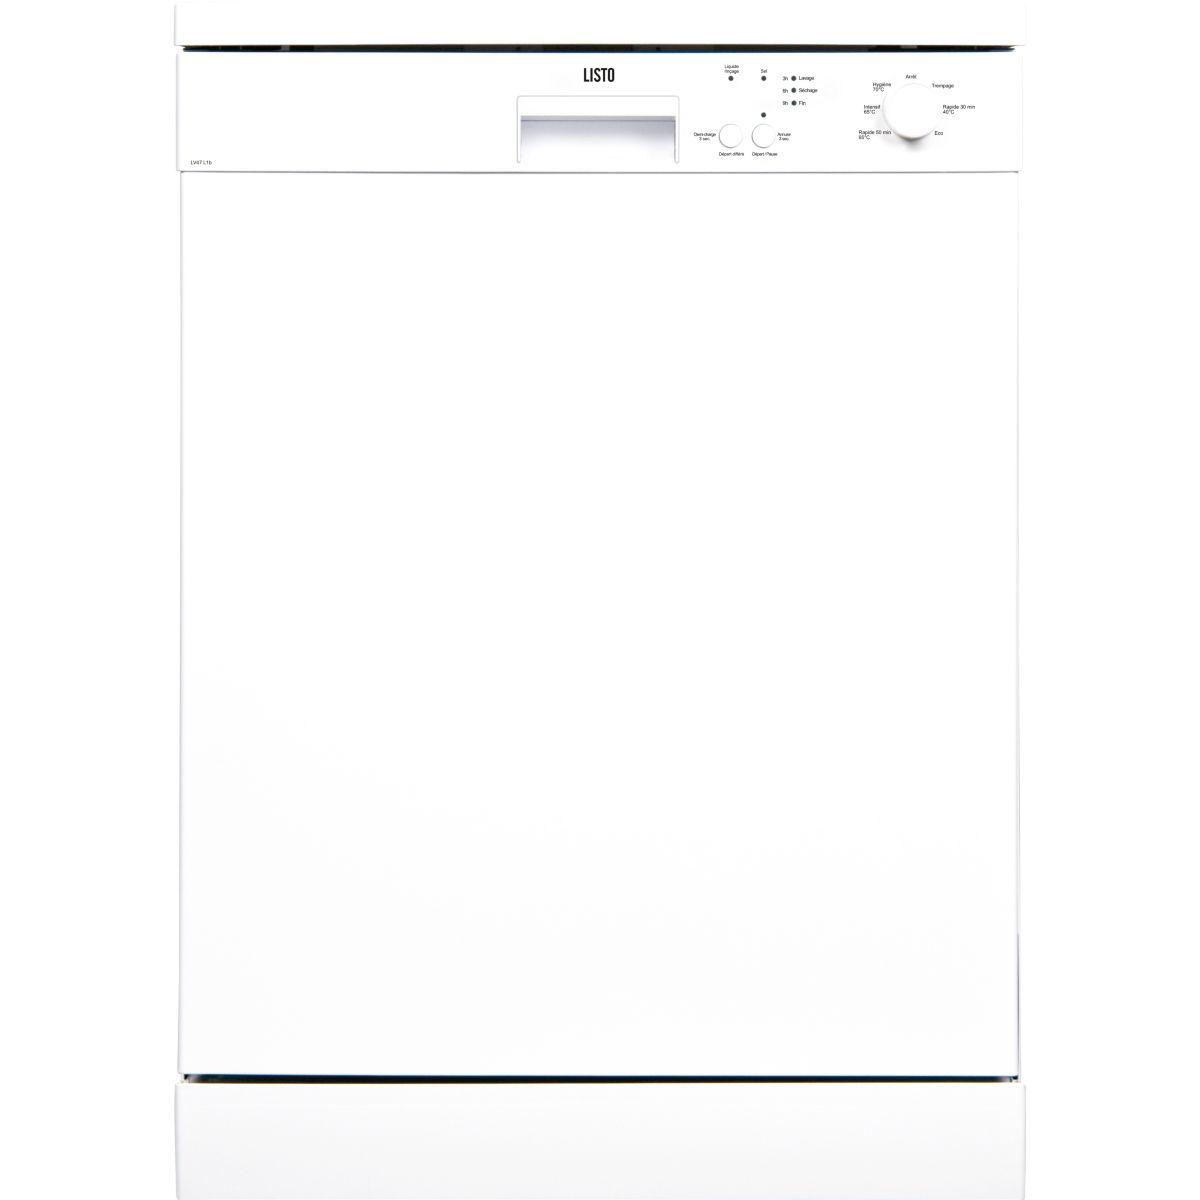 Lave-vaisselle 60cm LISTO LV47 L1 blanc (photo)